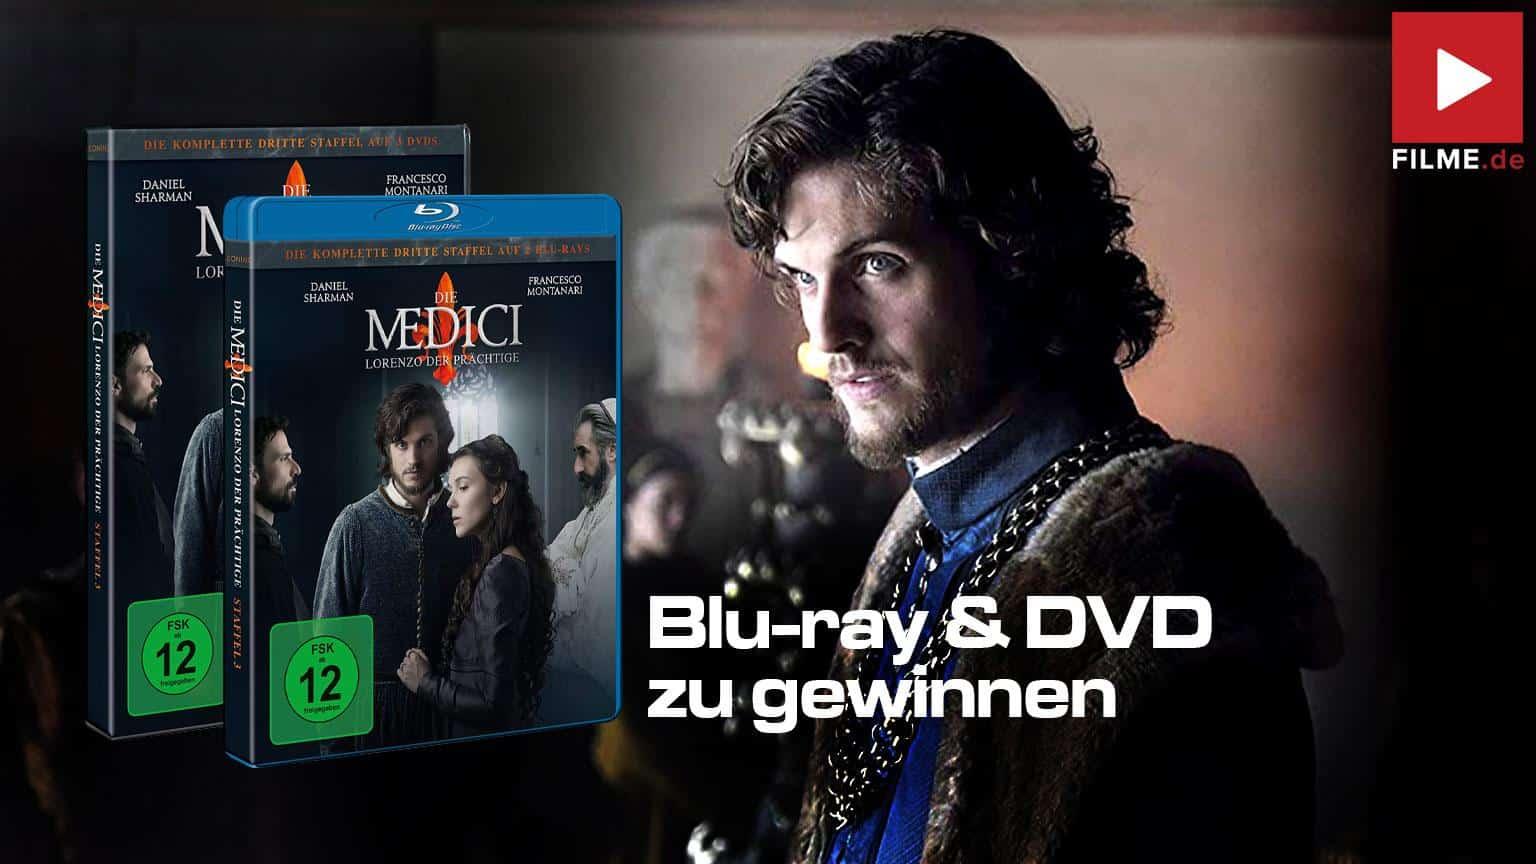 Die Medici: Lorenzo der Prächtige - Die komplette dritte Staffel Gewinnspiel shop kaufen